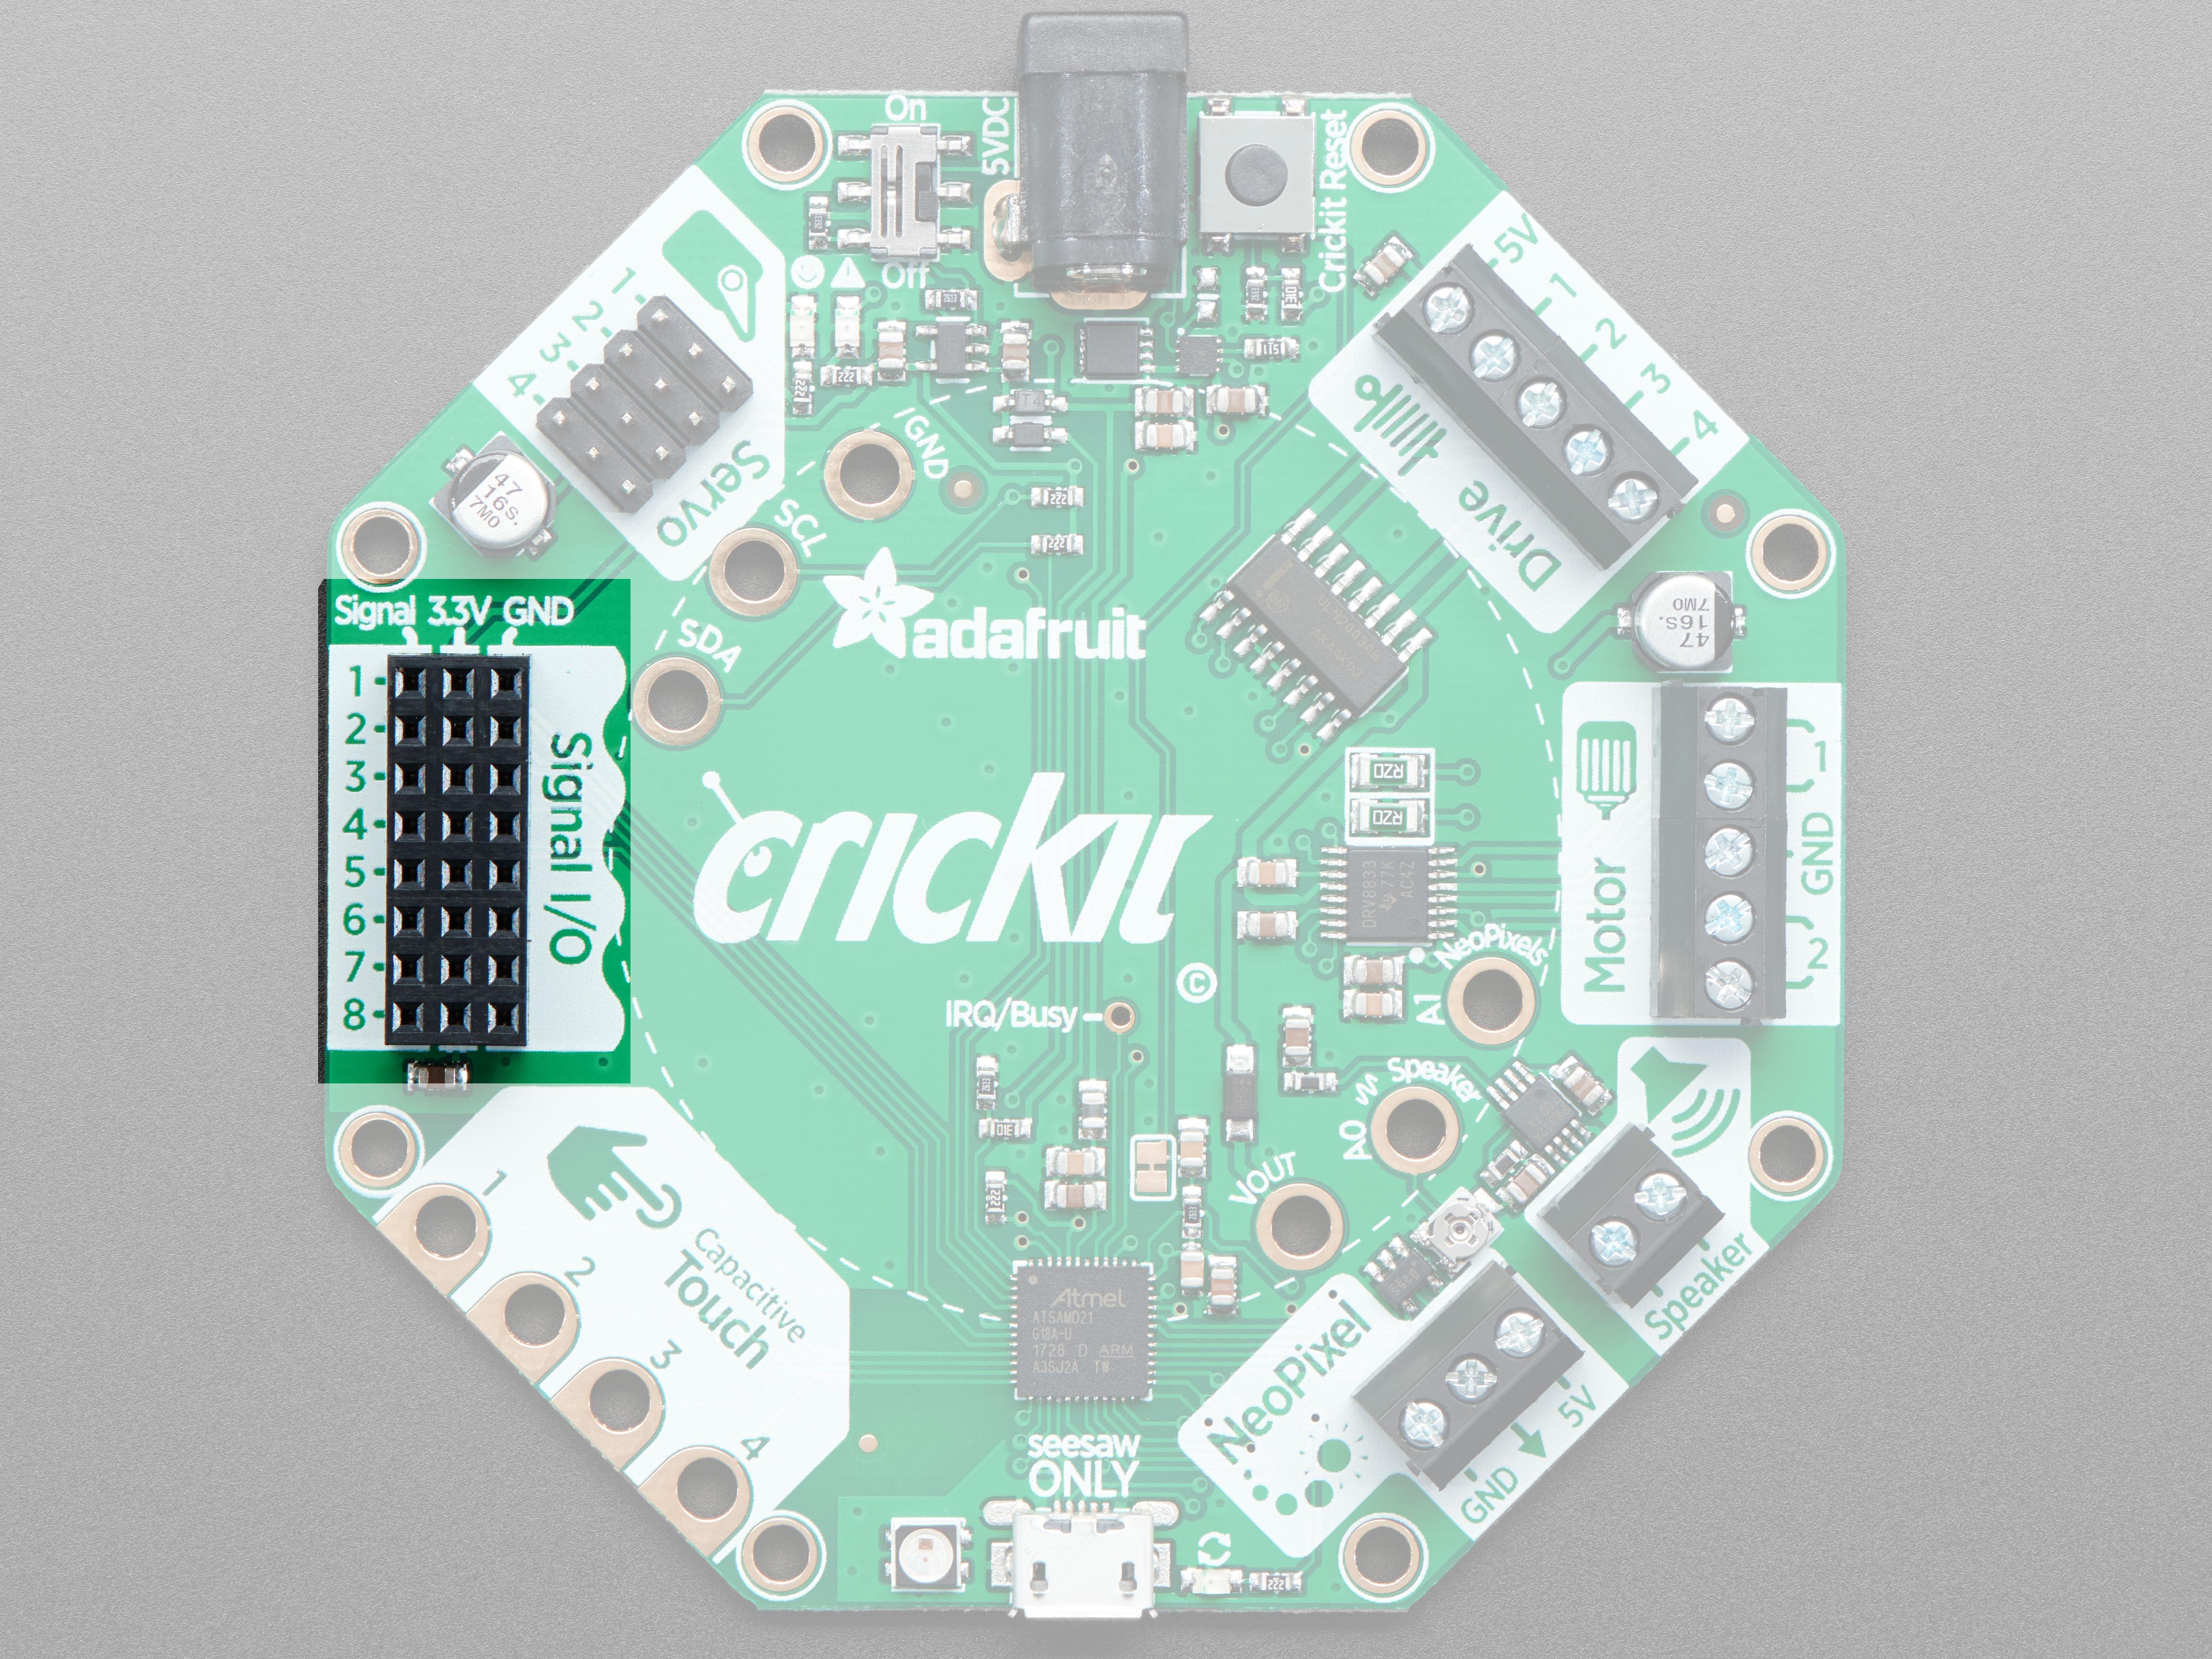 makecode_circuit_playground_signal.jpg